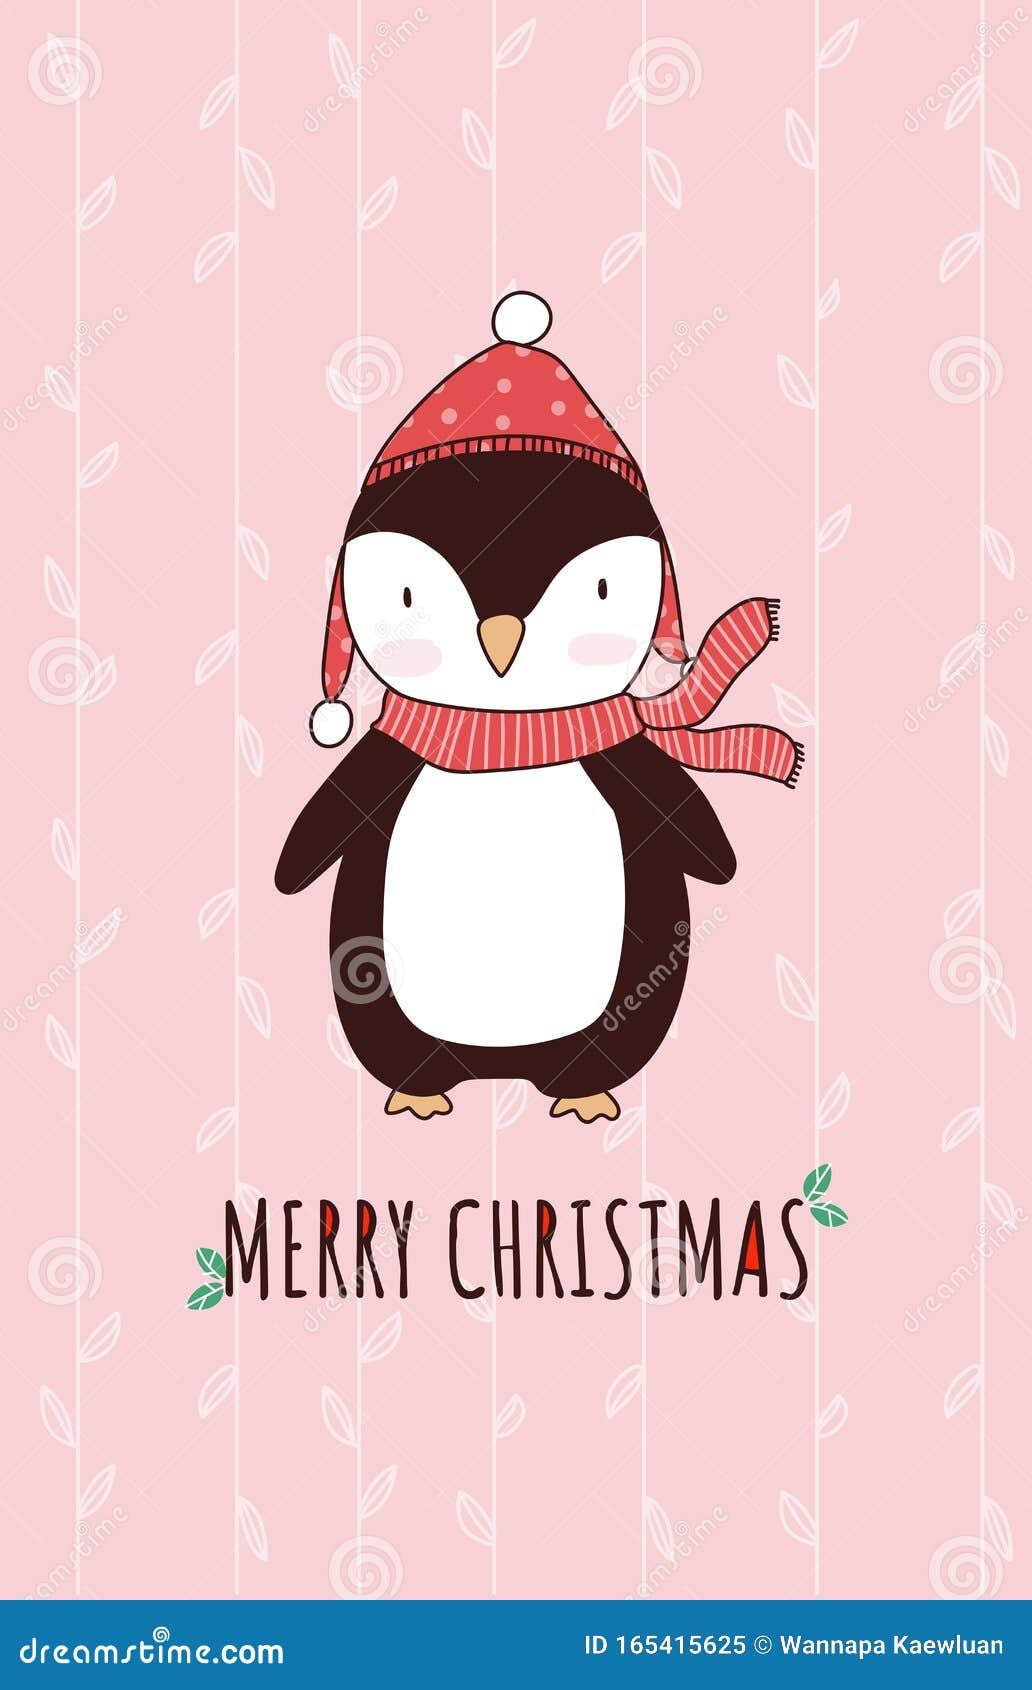 Caricatura De Animales De Navidad Tierno Personaje De Vector Pingüino Para  Tarjeta De Saludo Ilustración del Vector - Ilustración de bebé, antártida:  165415625